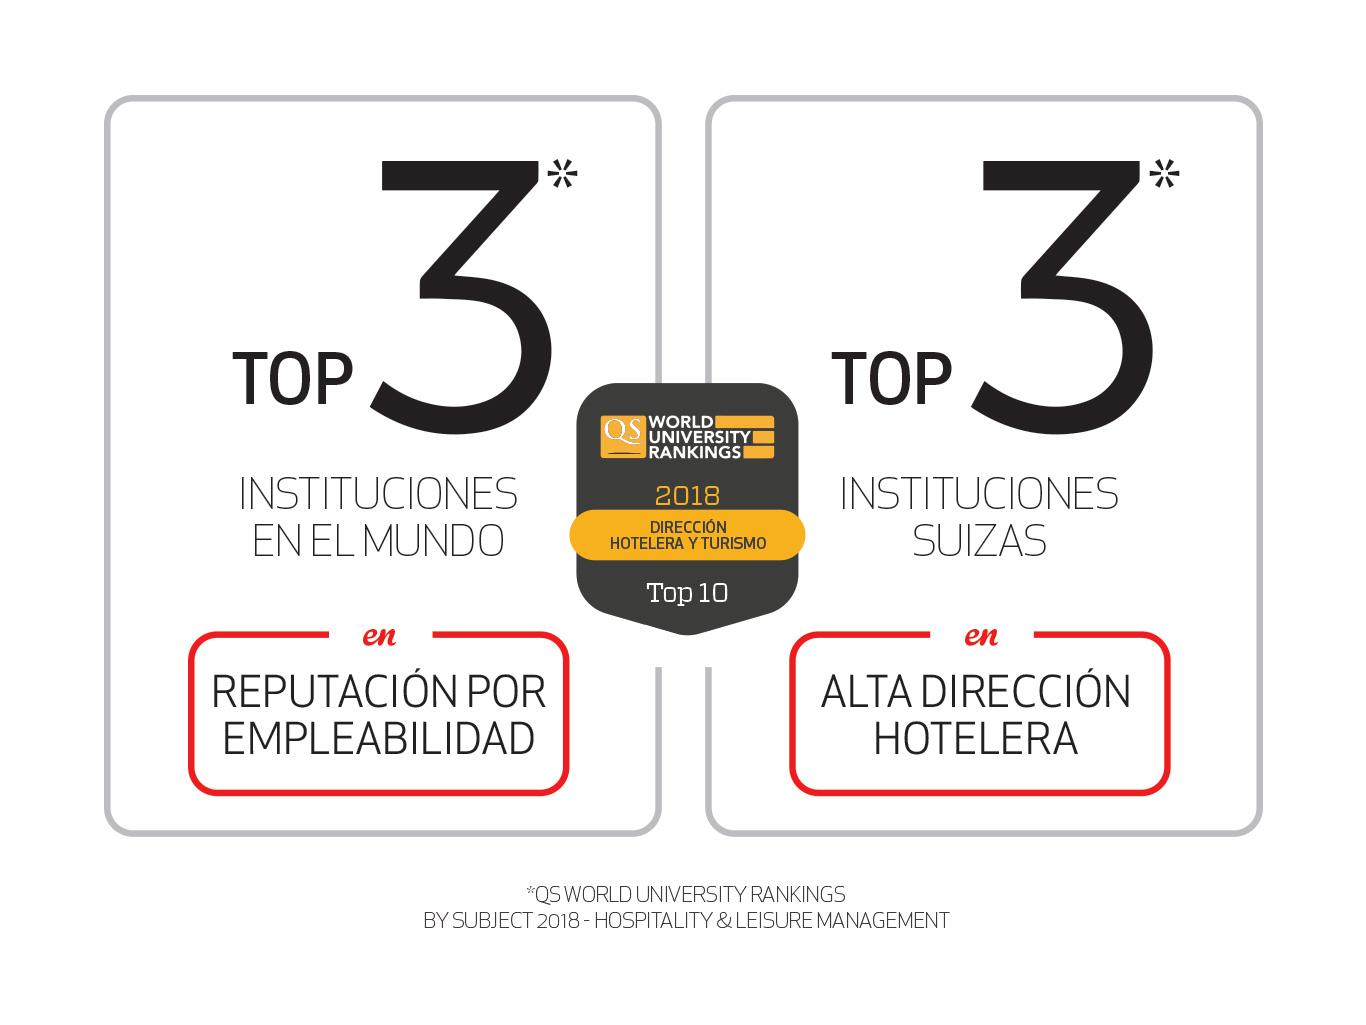 Mejores Universidades del Mundo 2018